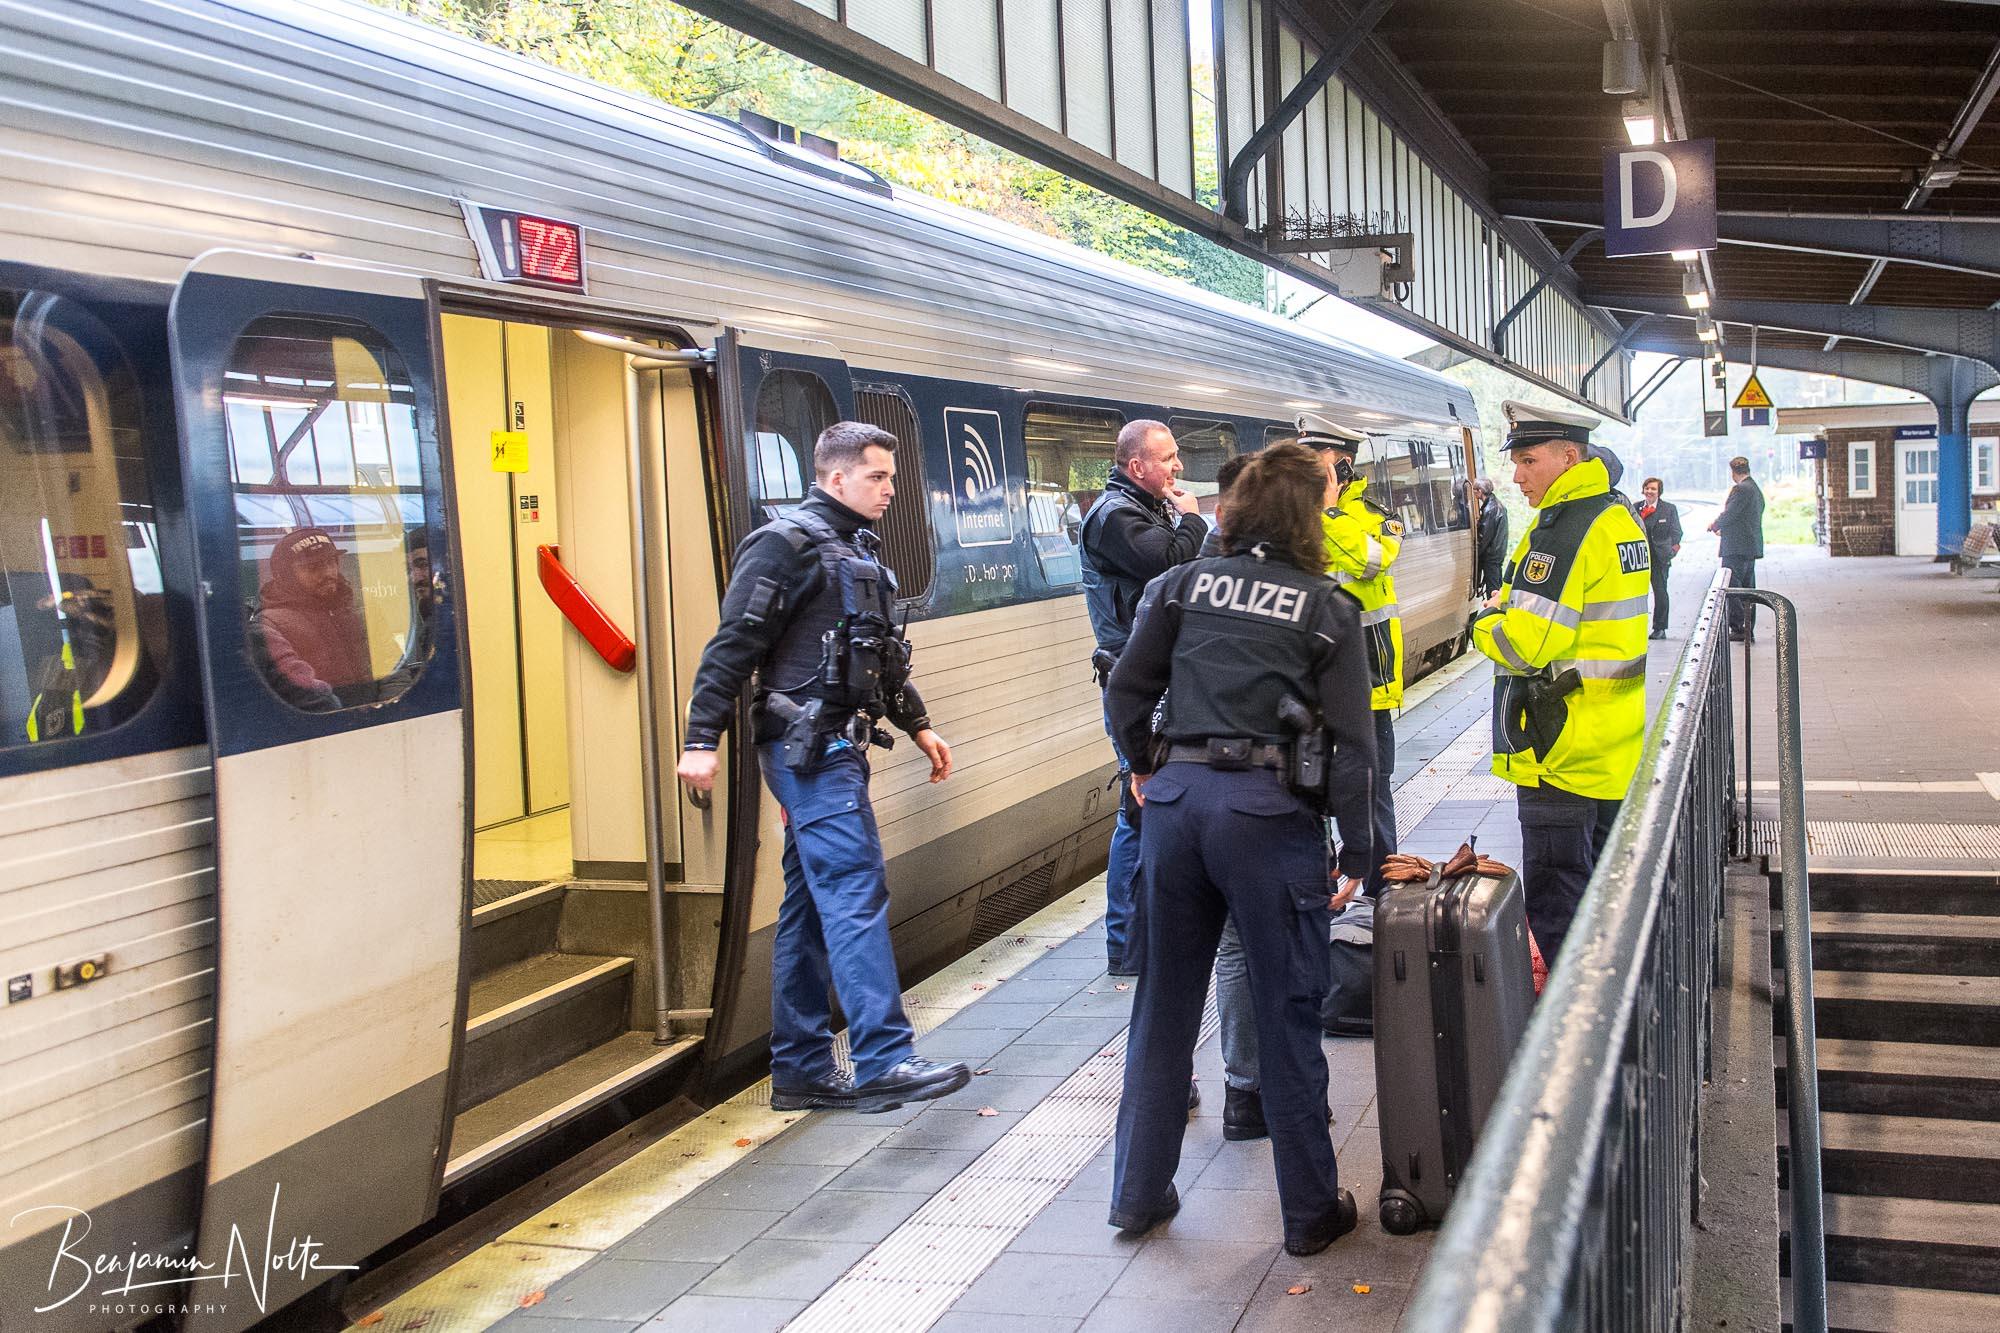 Bundespolizei_Flensburg_011